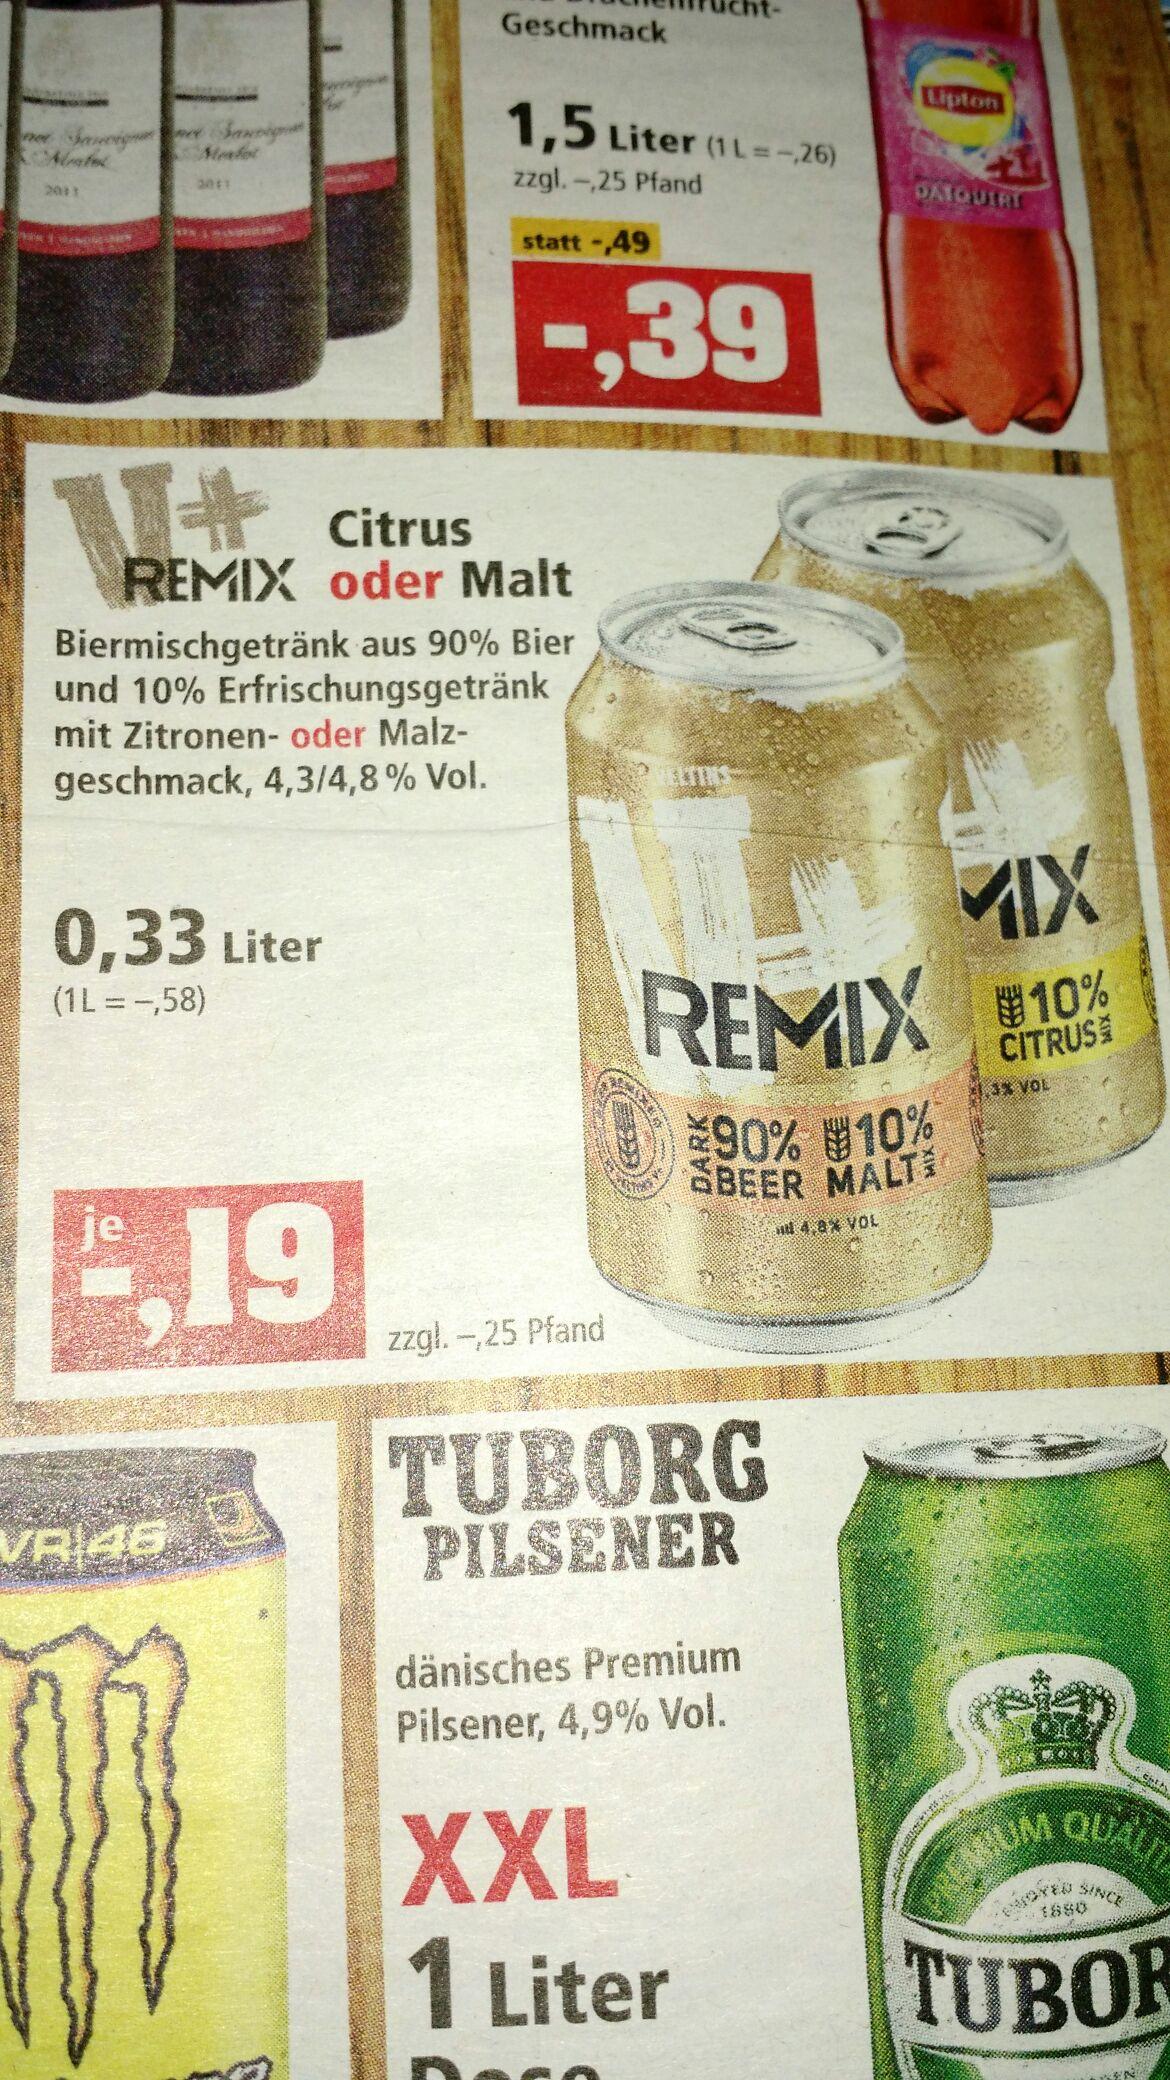 [Thomas Philipps bundesweit] Veltins V+ Remix 0,33l Dose für 0,19€